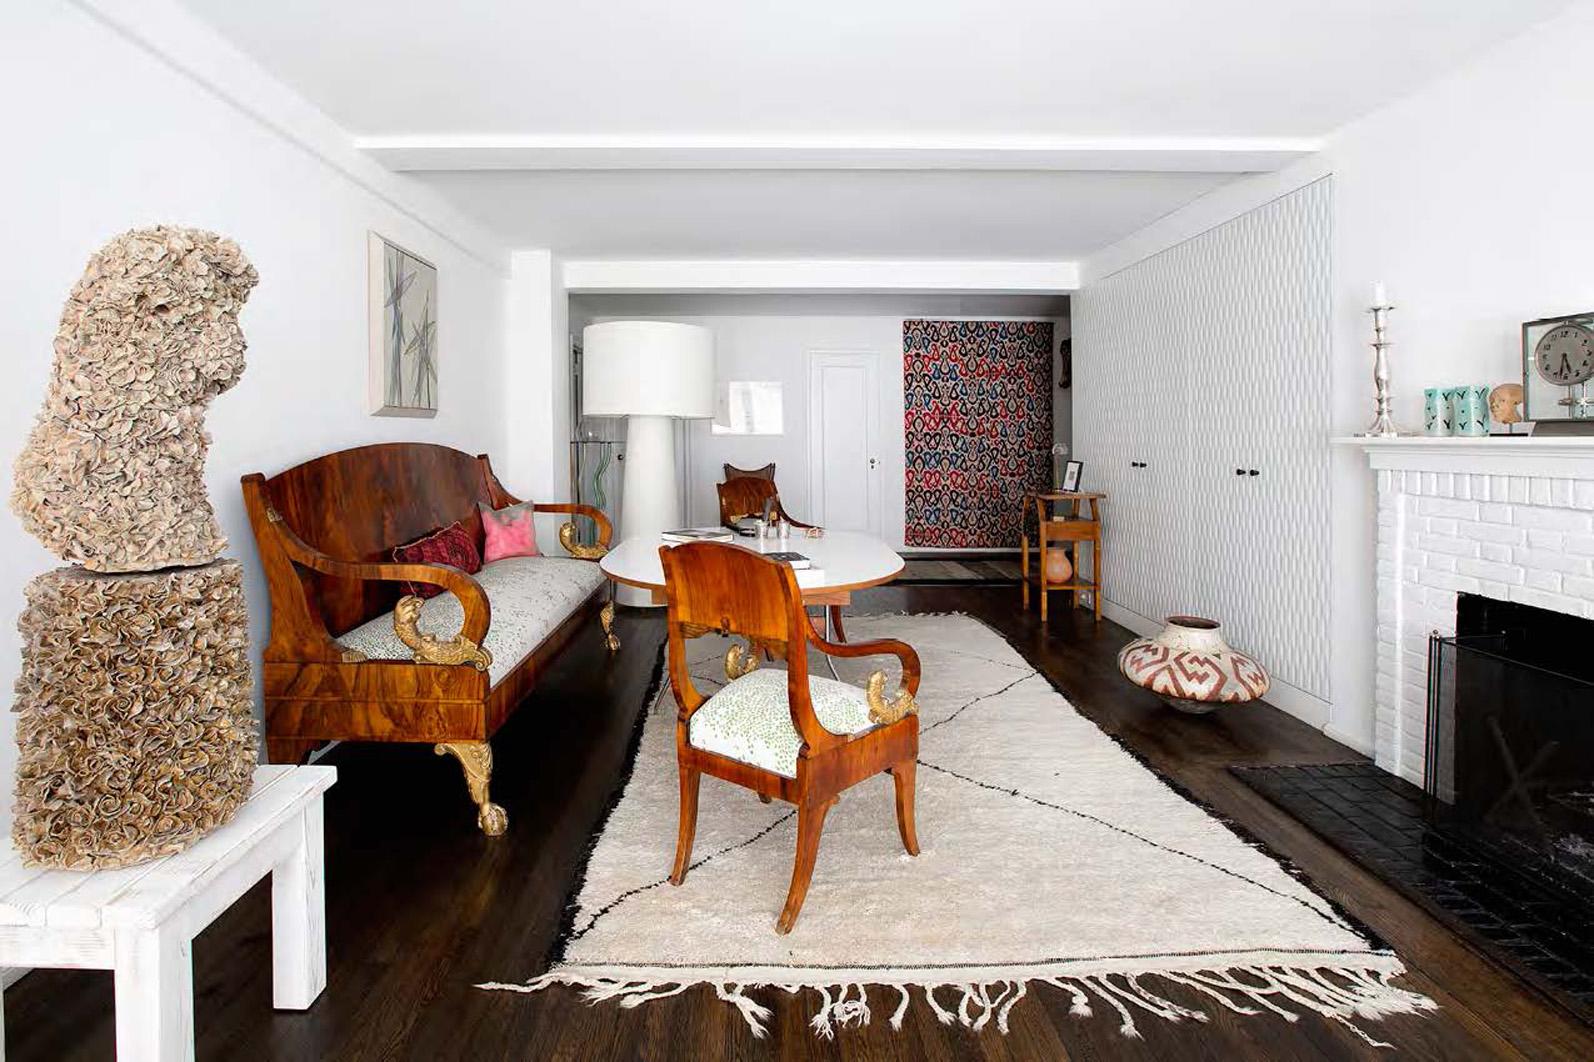 livingroom overall.jpg